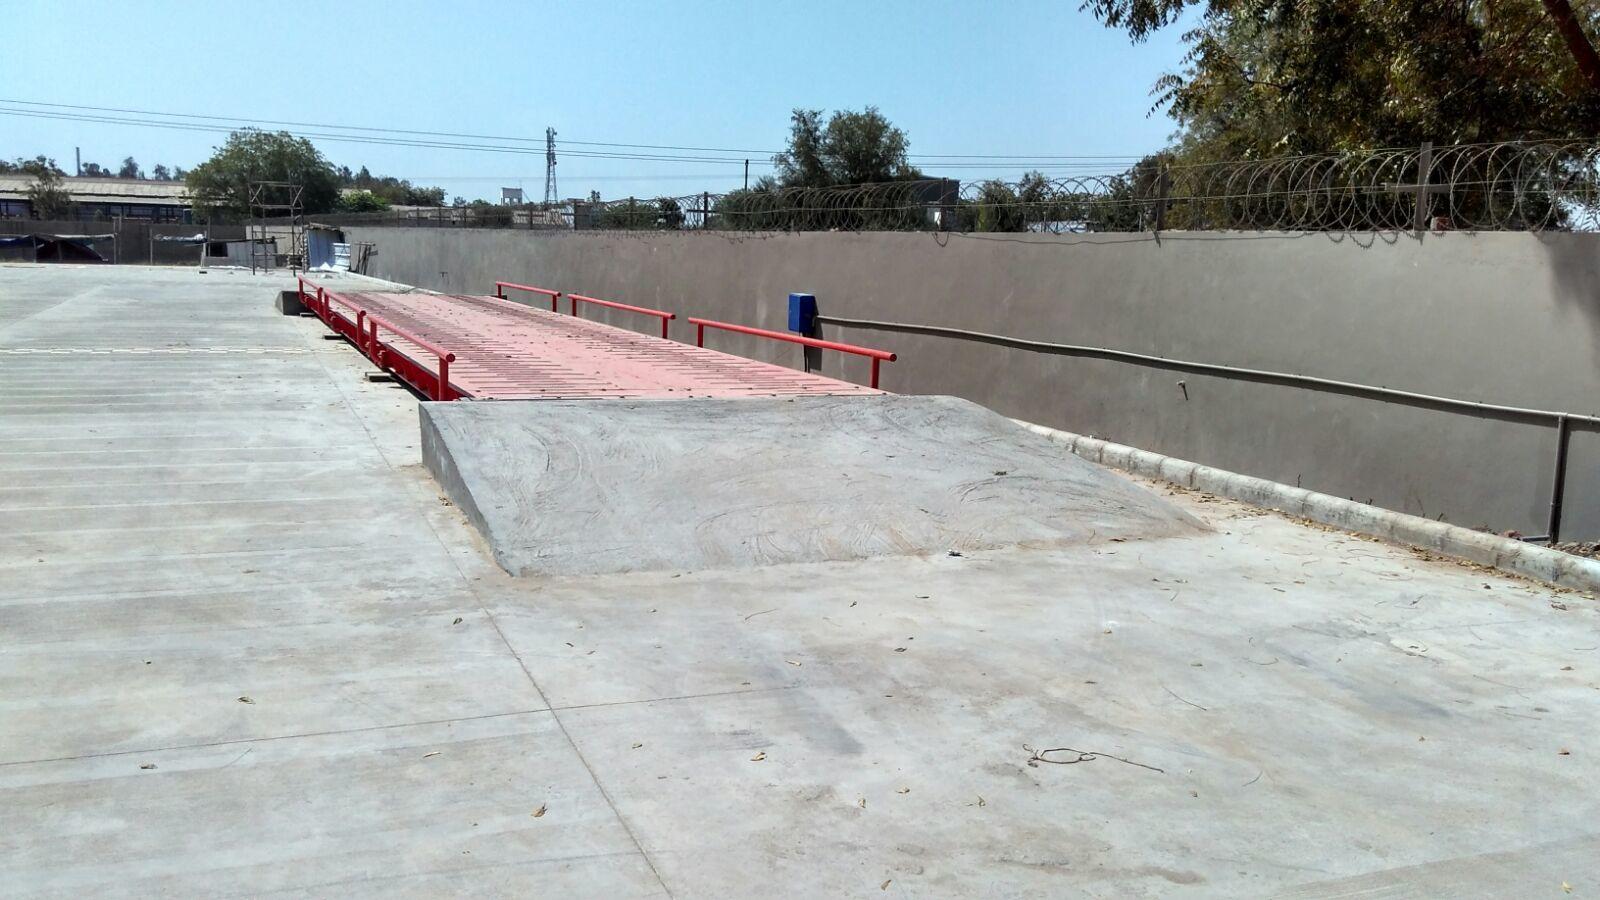 Pitless weighbridge